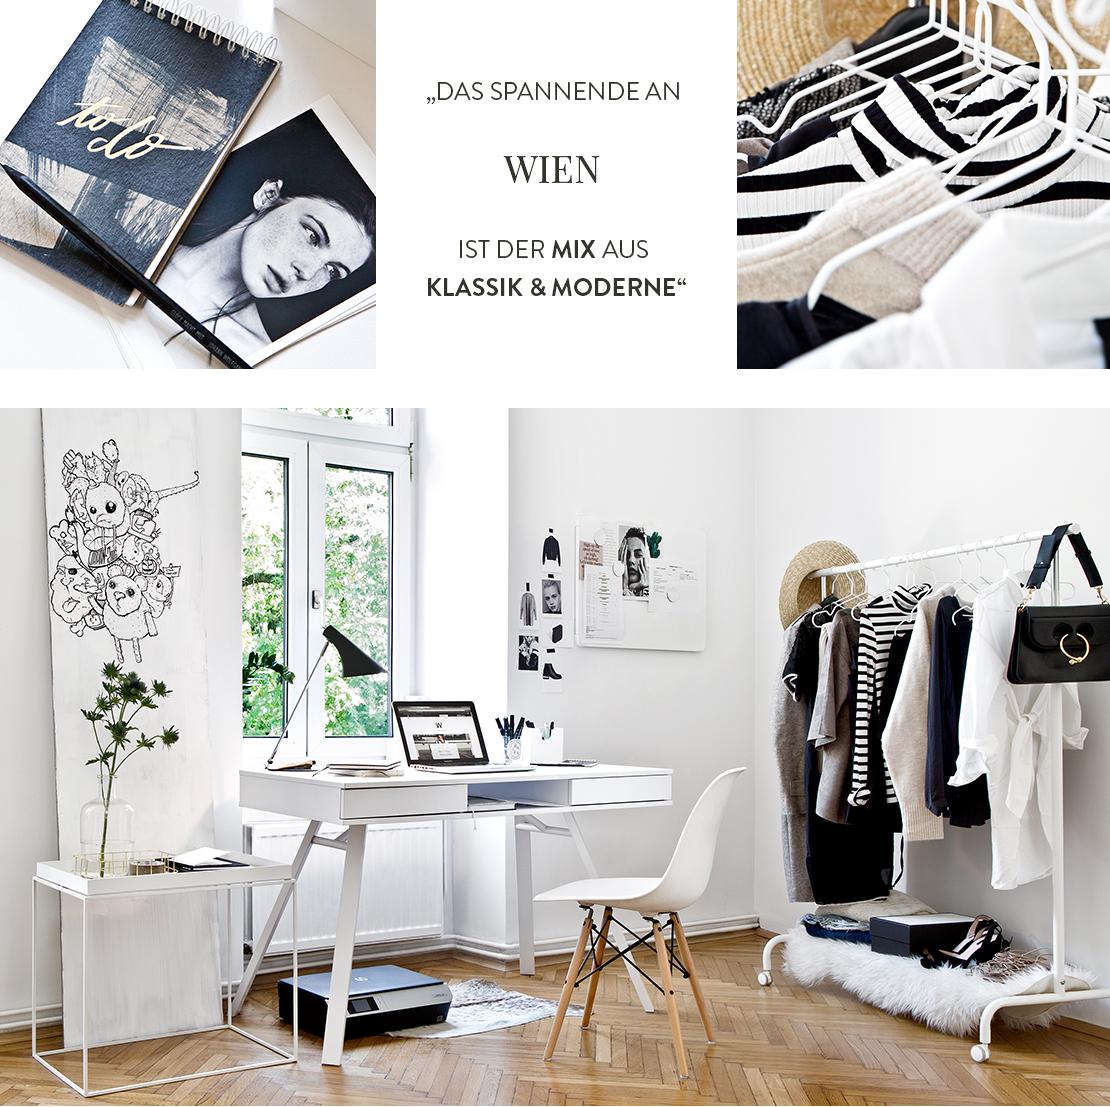 Westwing-Homestory-Carola-Pojer-Vienna-Wedekind-Arbeitszimmer-Wien